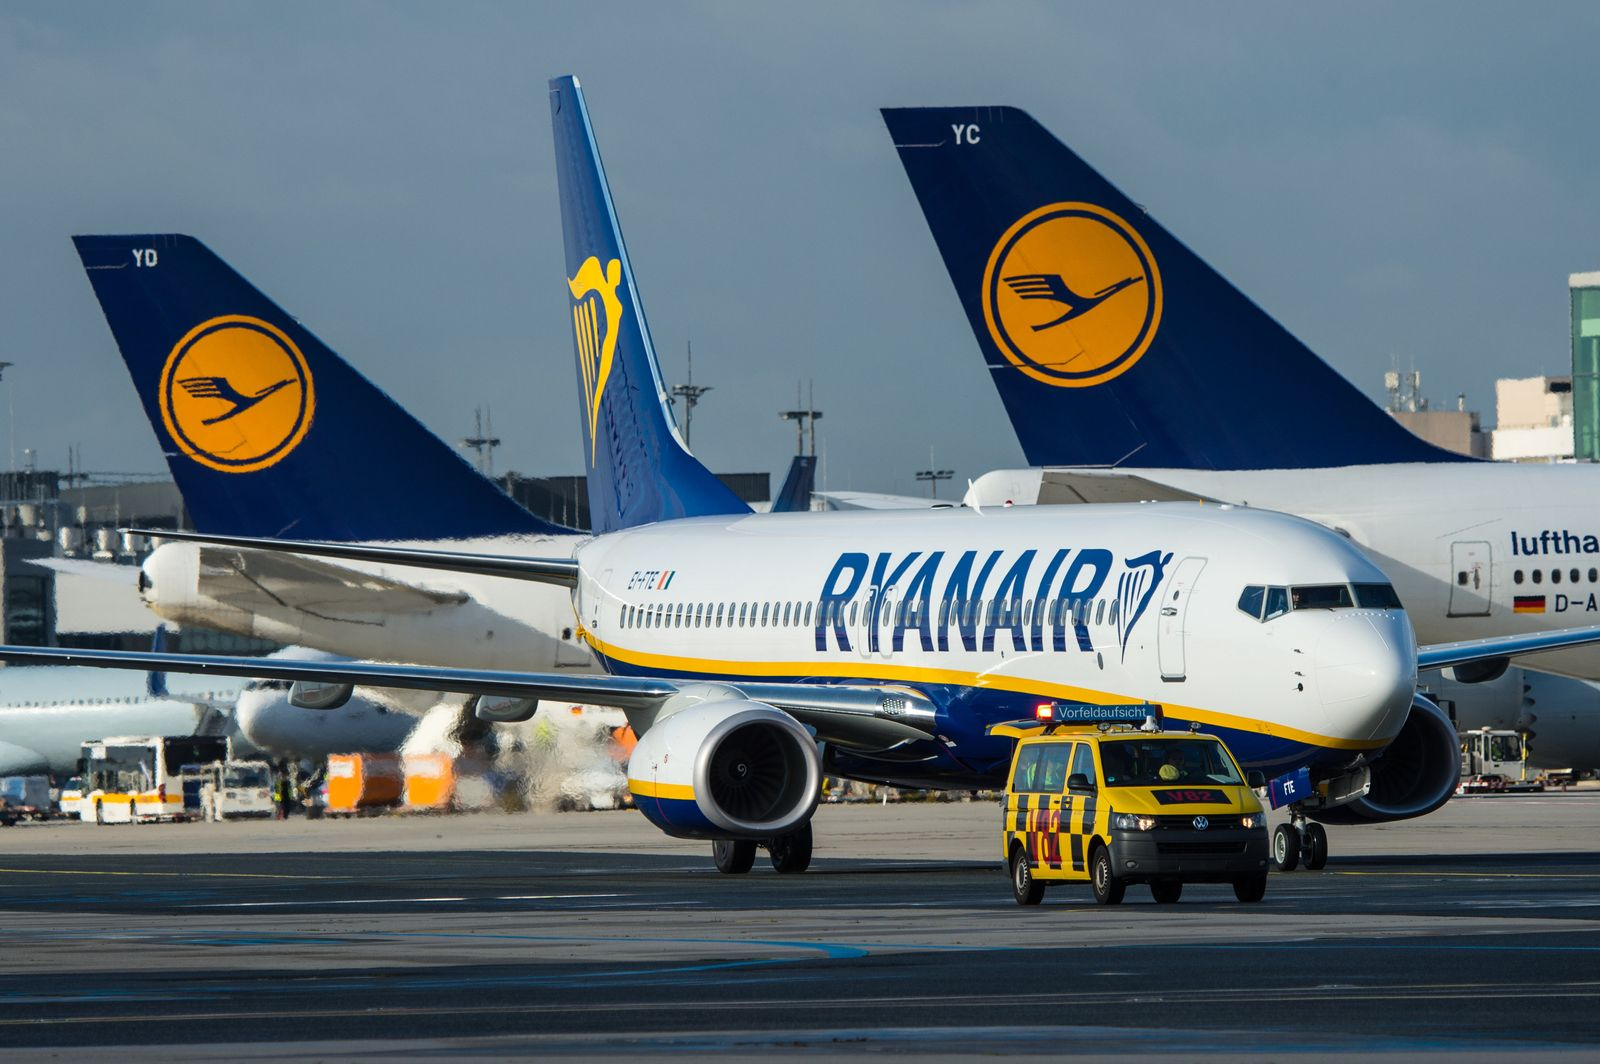 Ryanair / Lufthansa / Flughafen Frankfurt am Main